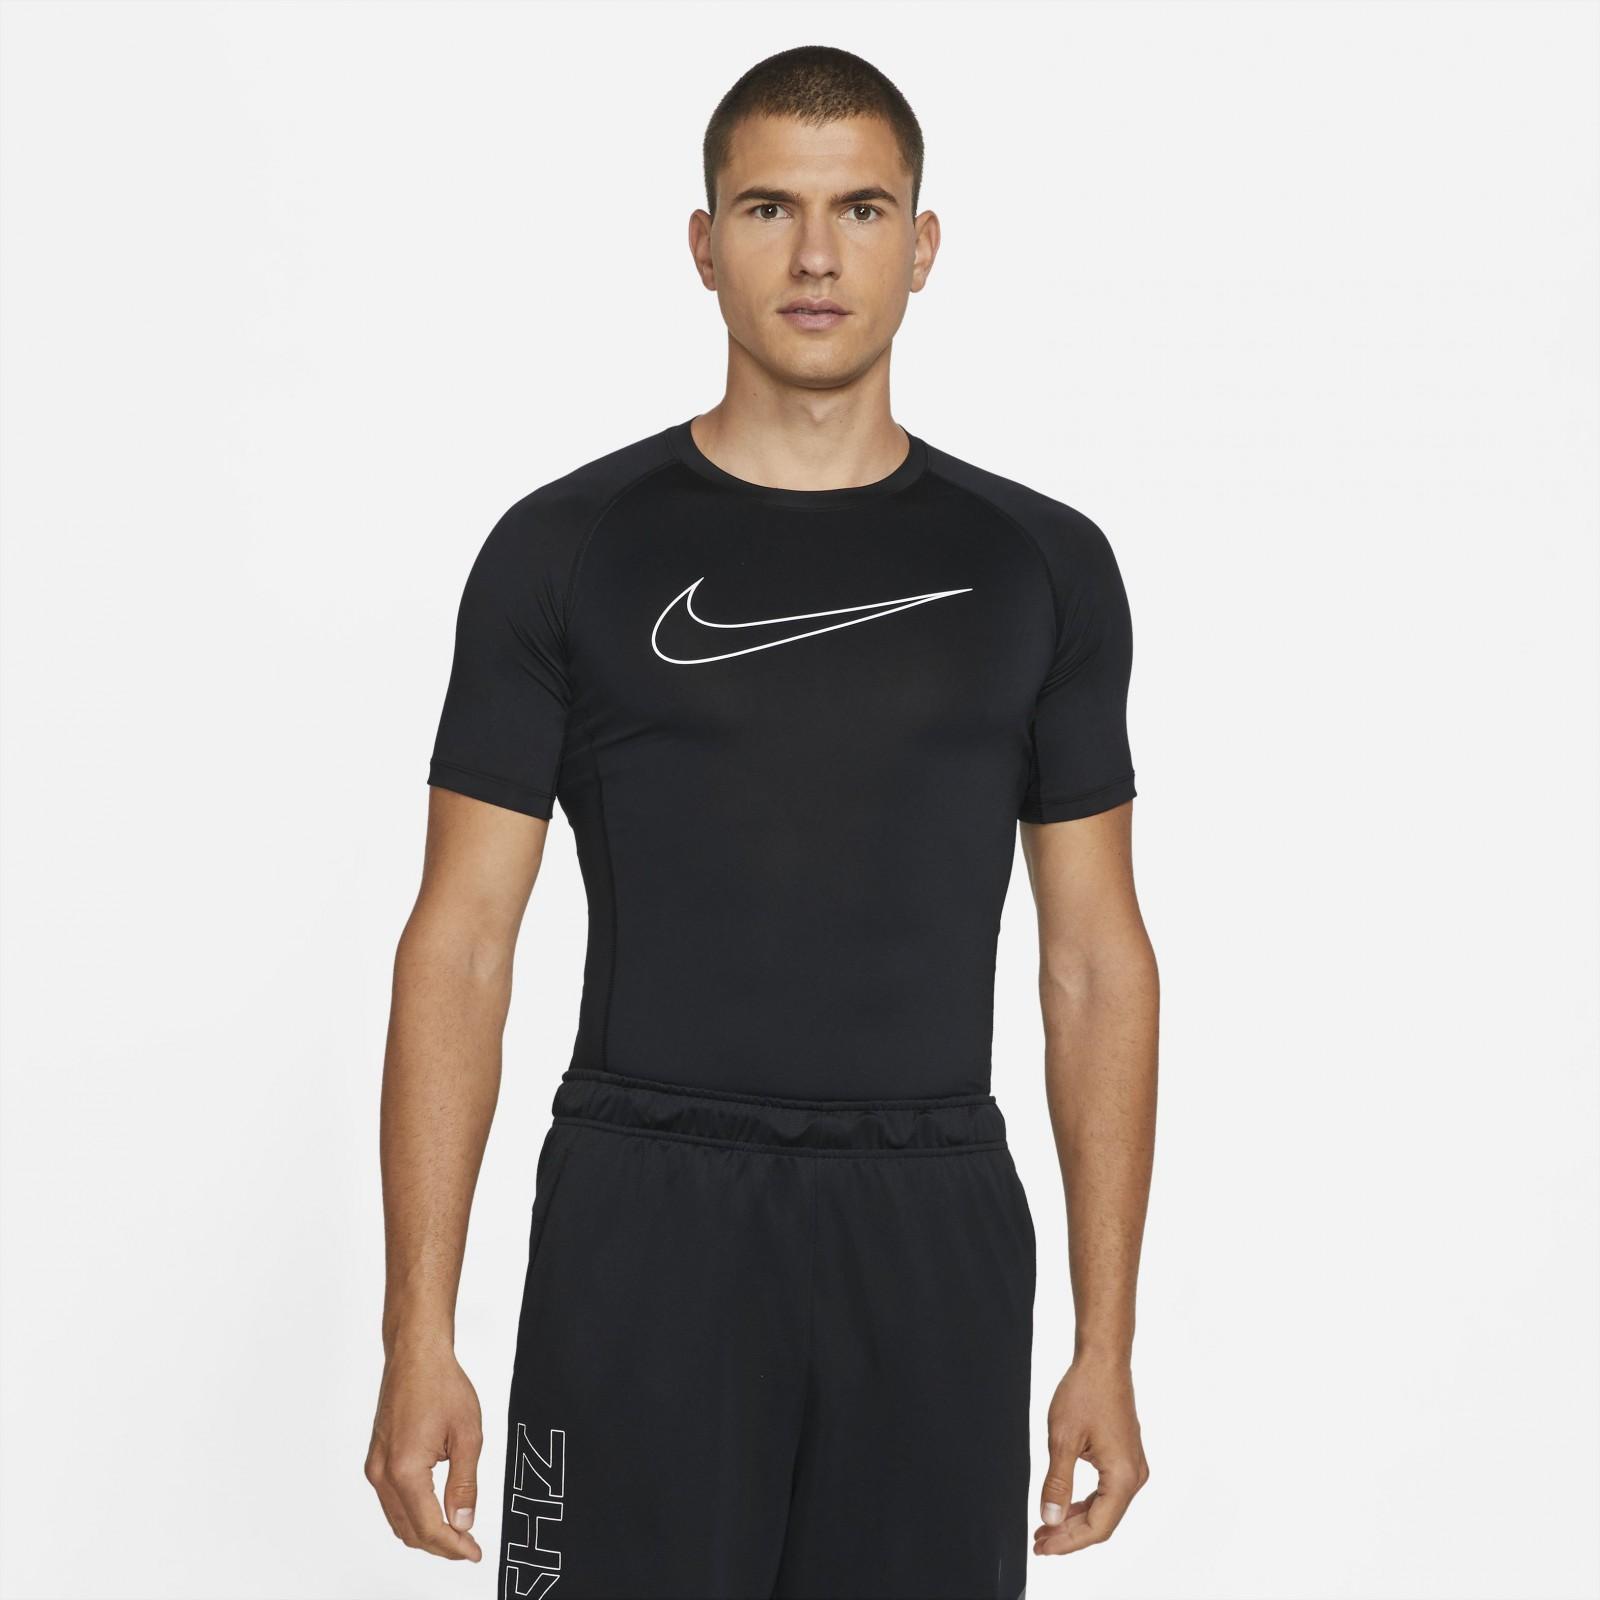 Nike Pro Dri-FIT BLACK/WHITE